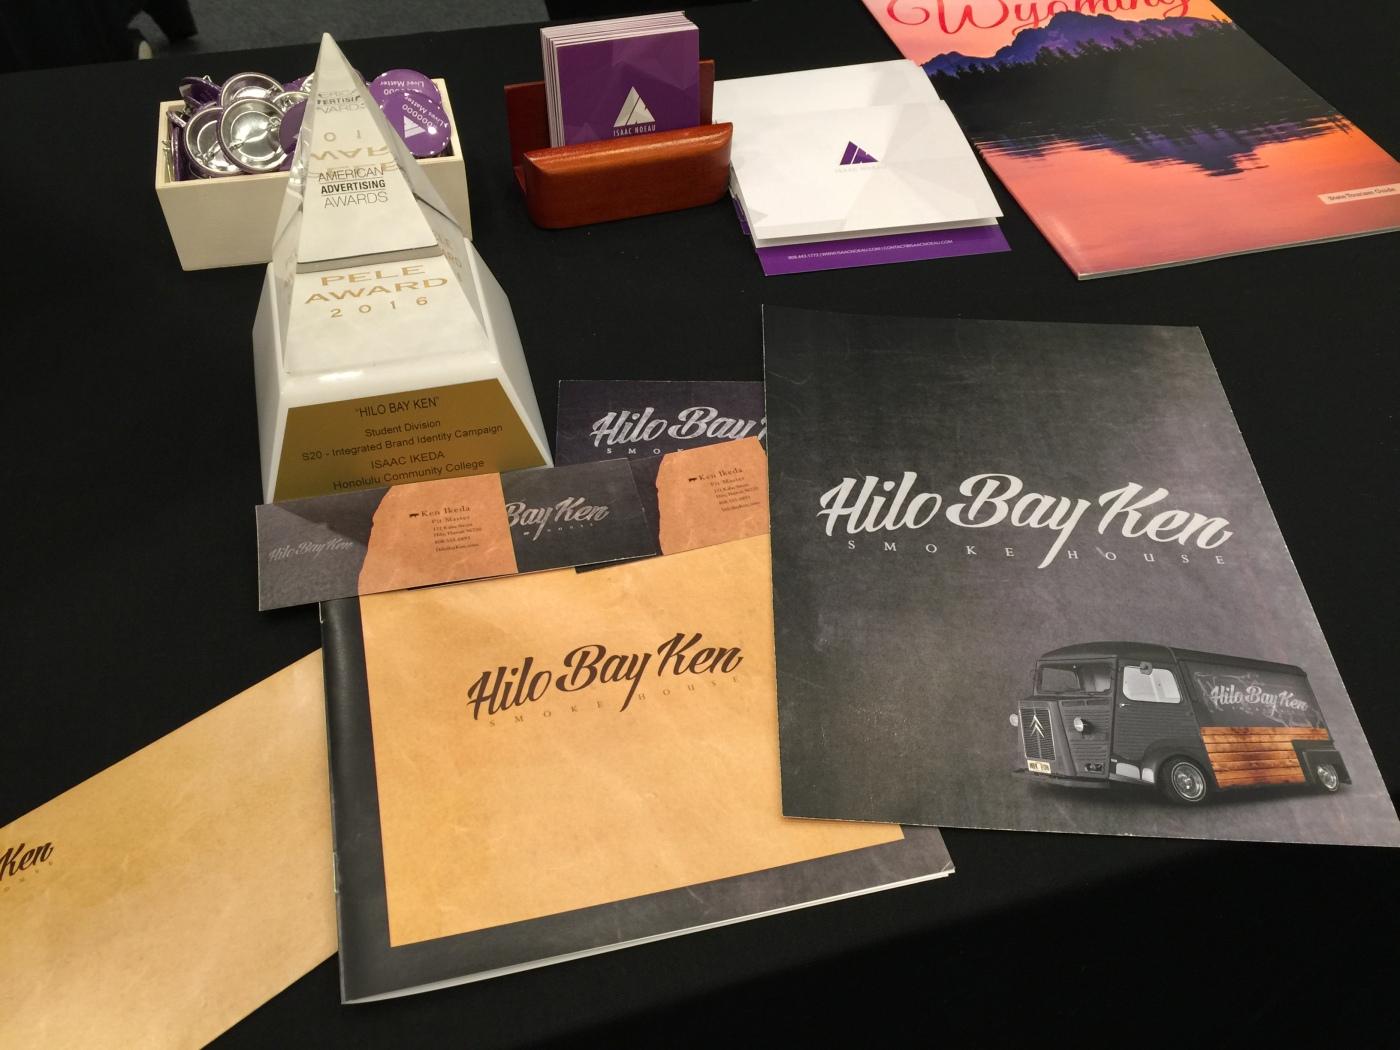 Ikeda's Pele Award winning project - Hilo Bay Ken.